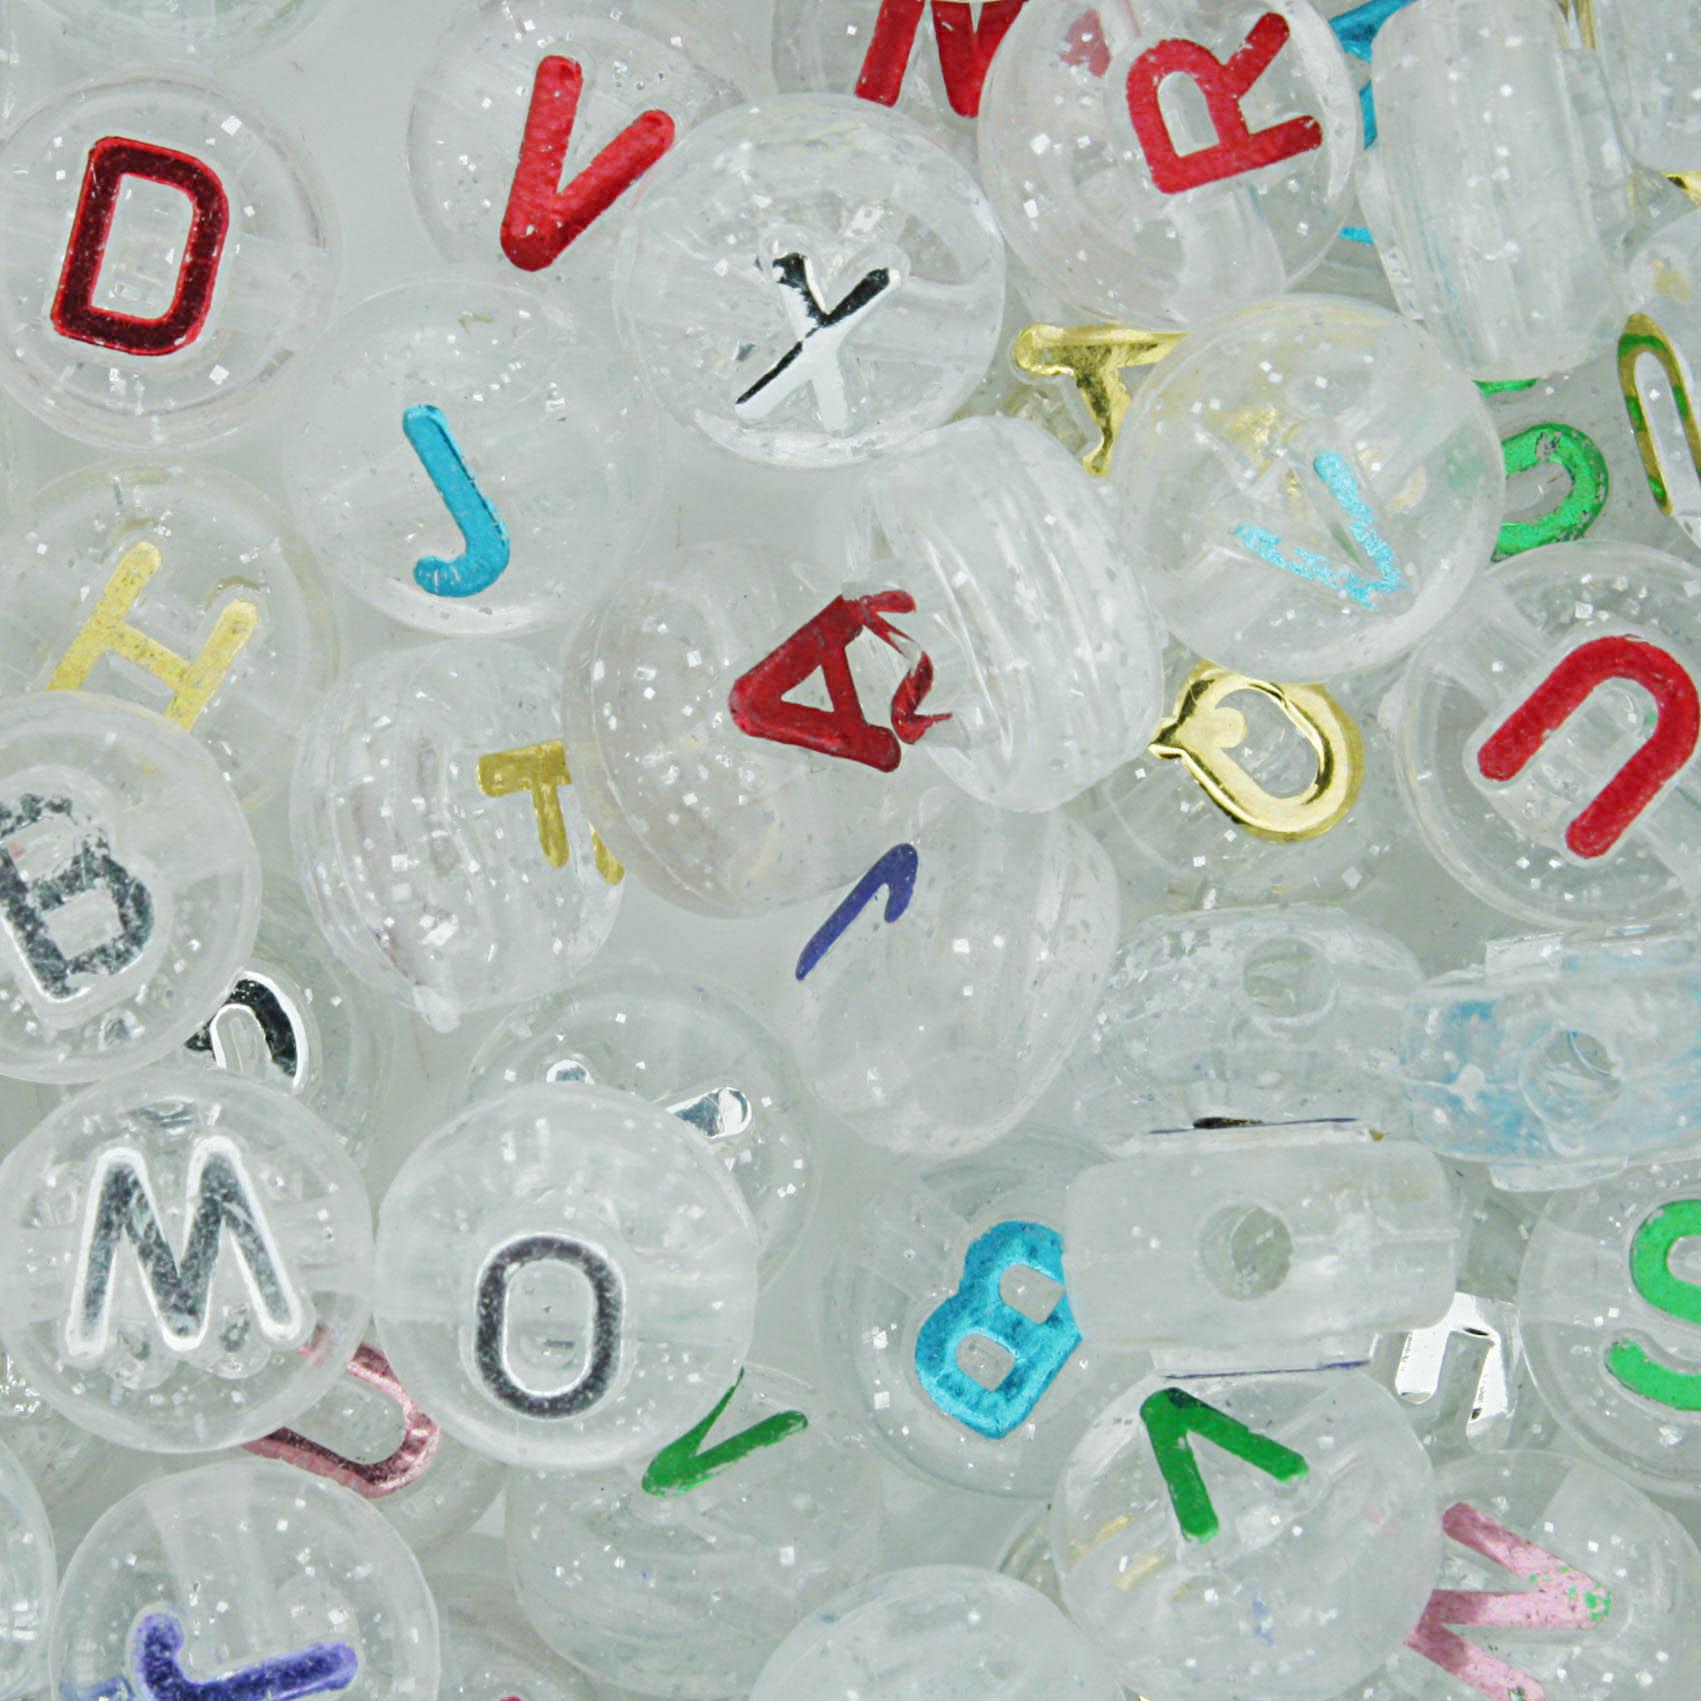 Miçanga - Letras Disco Transparente com Glitter  - Stéphanie Bijoux® - Peças para Bijuterias e Artesanato